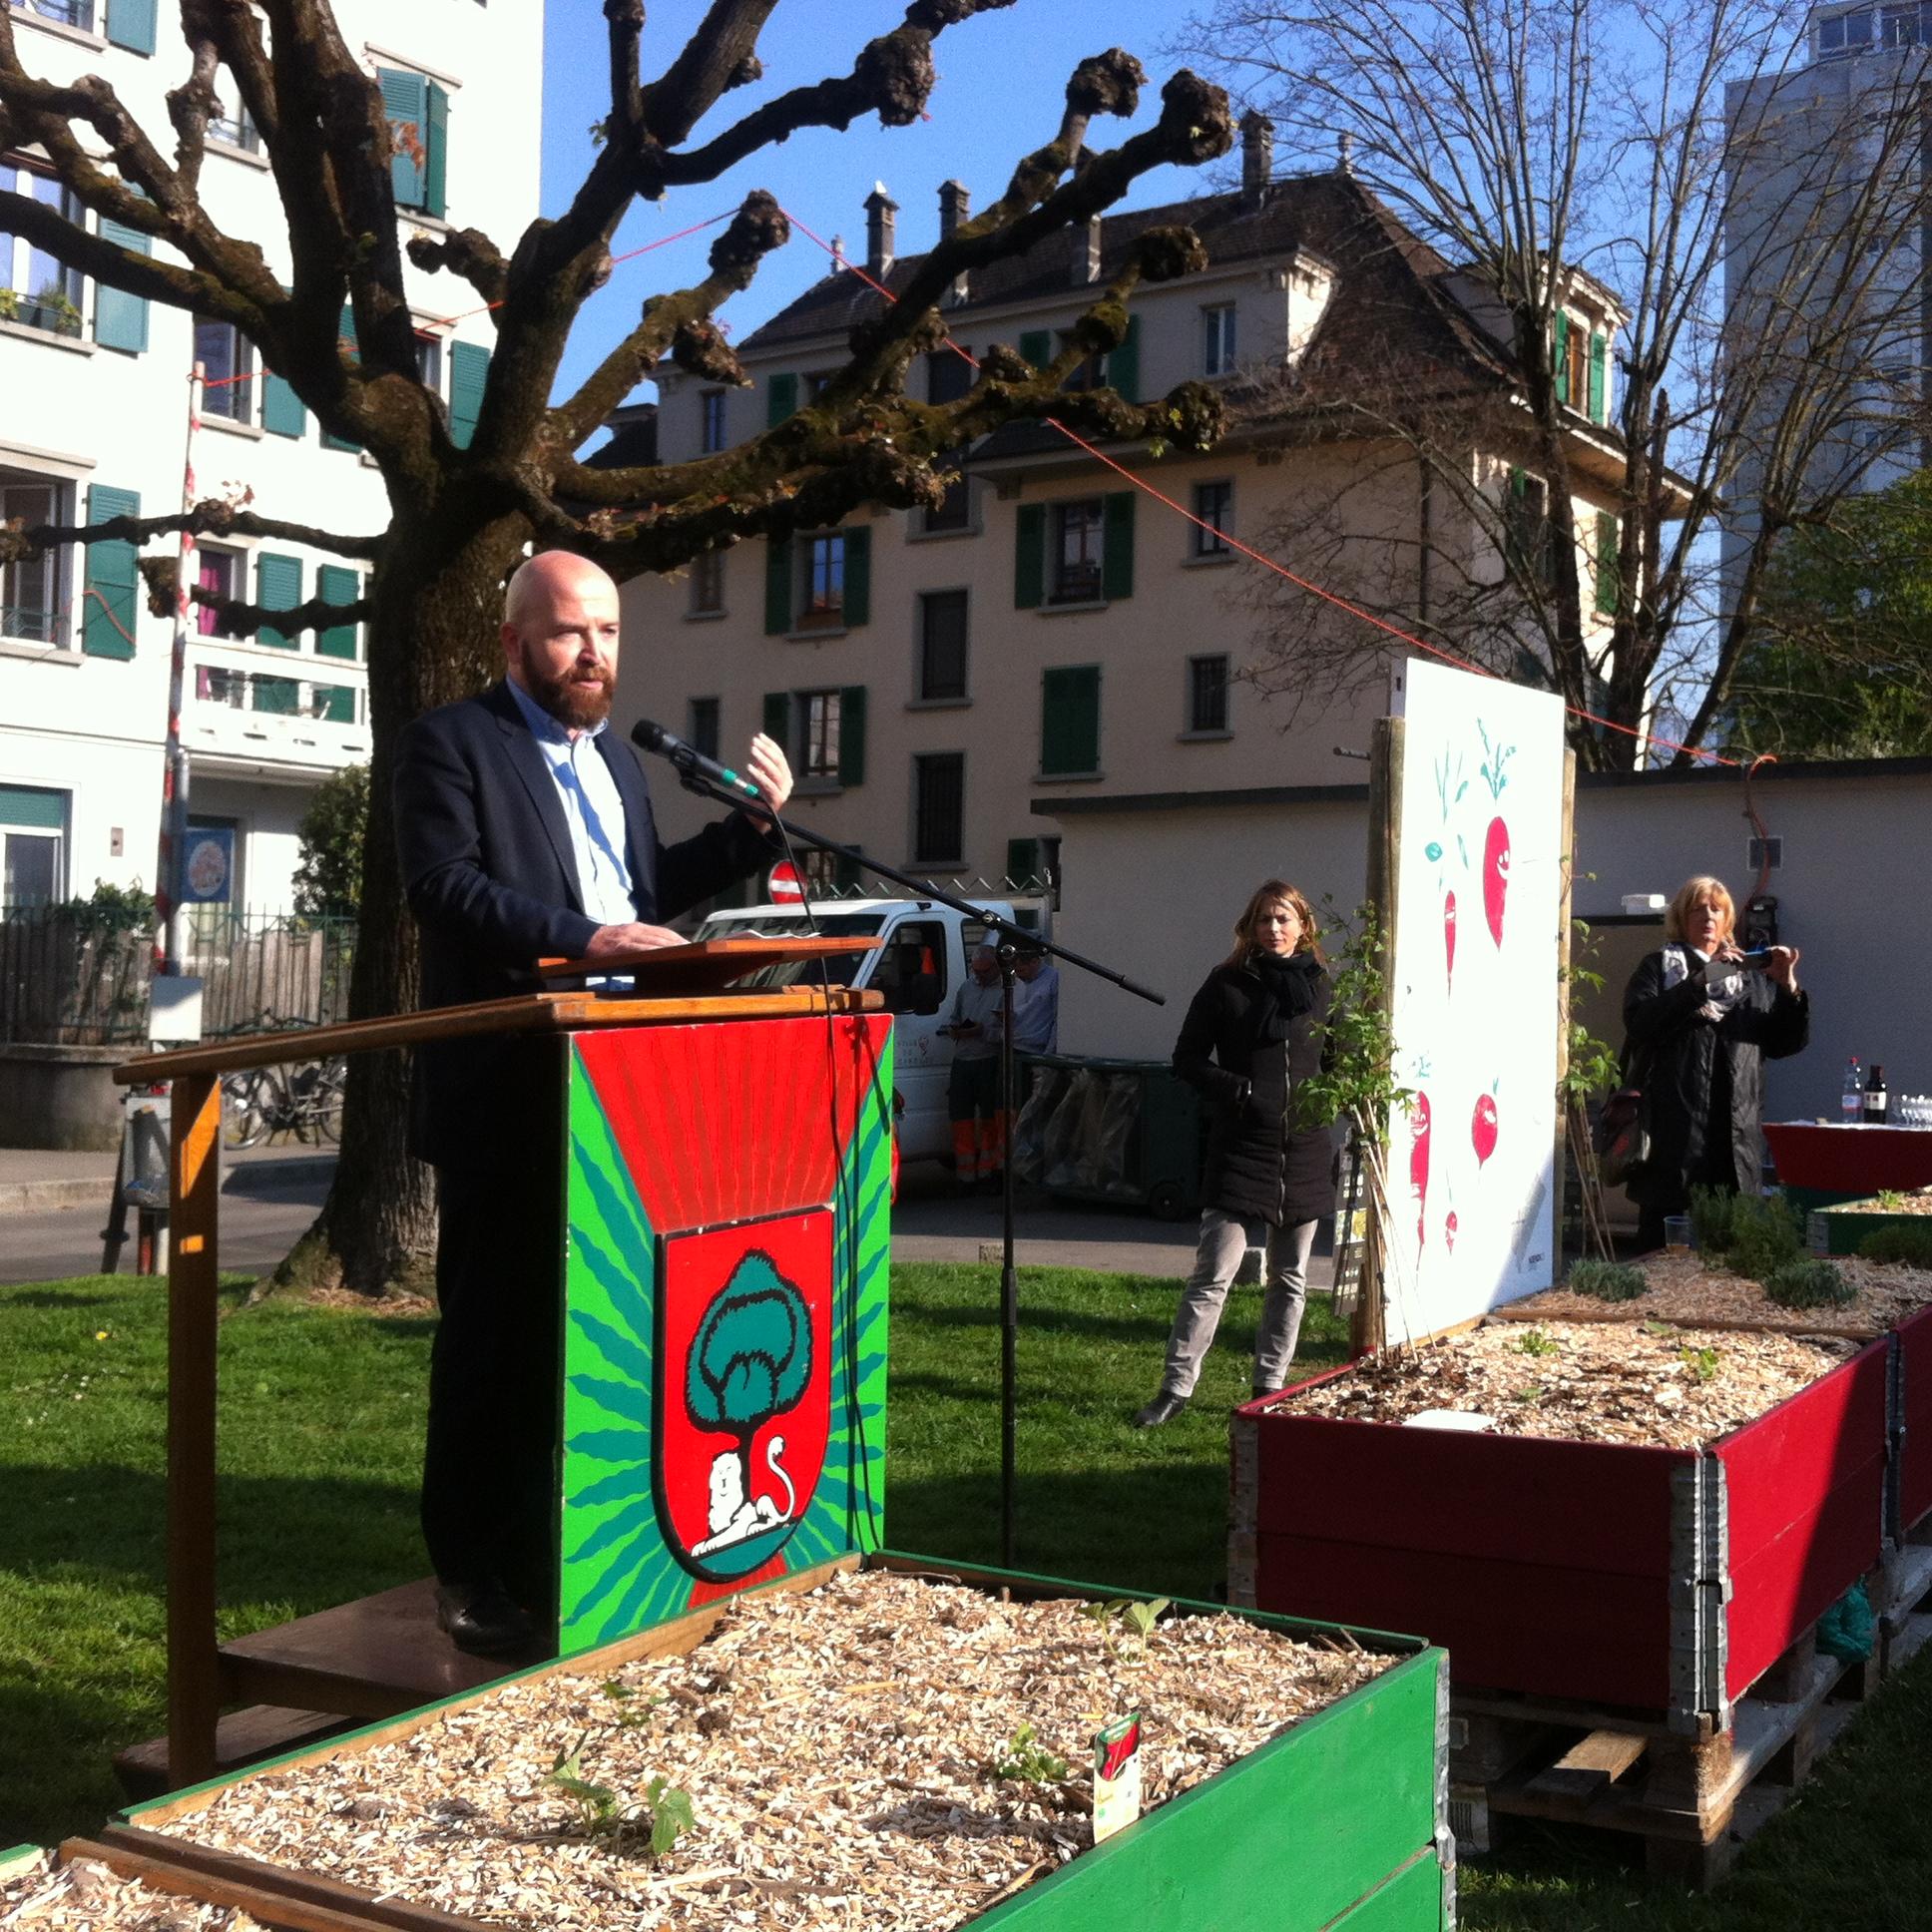 Le maire de Carouge, Nicolas Walder, inaugure les bacs potagers lancés par les Carottes rouges. © Maryelle Budry